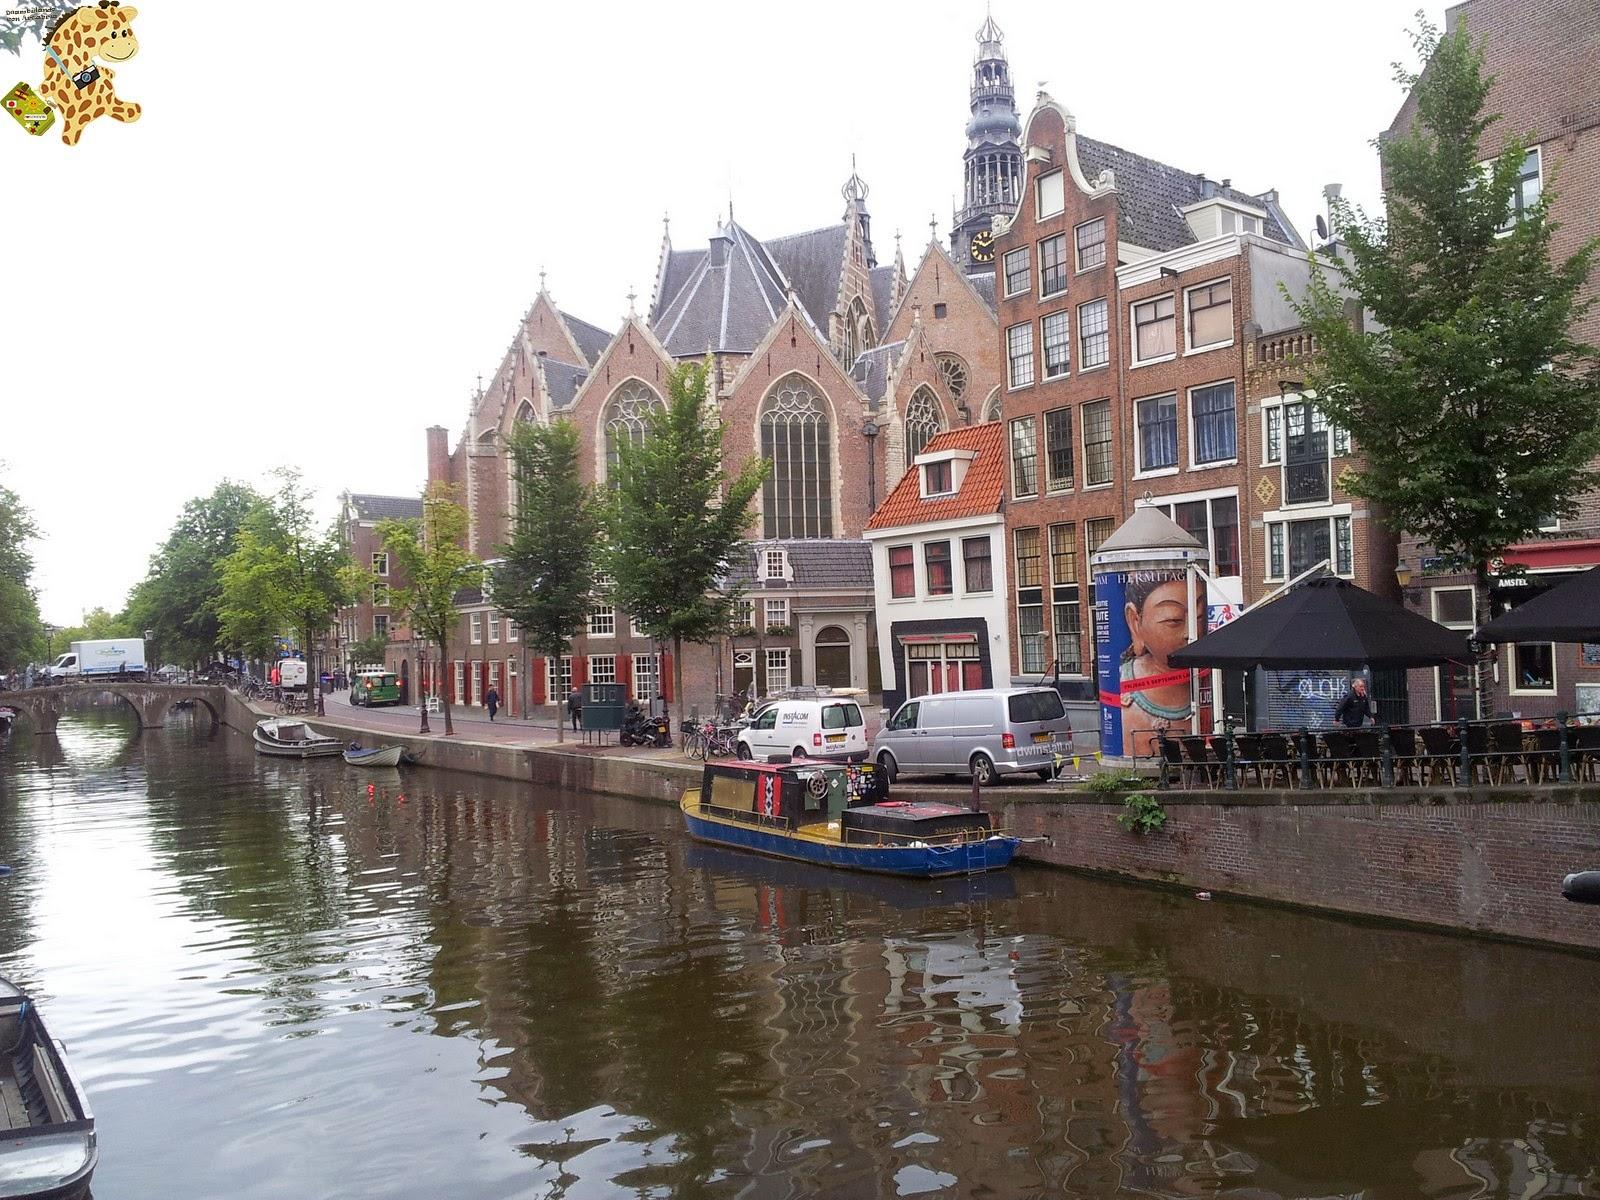 amsterdam4 1 - Qué ver en Amsterdam en 2 días? (II)